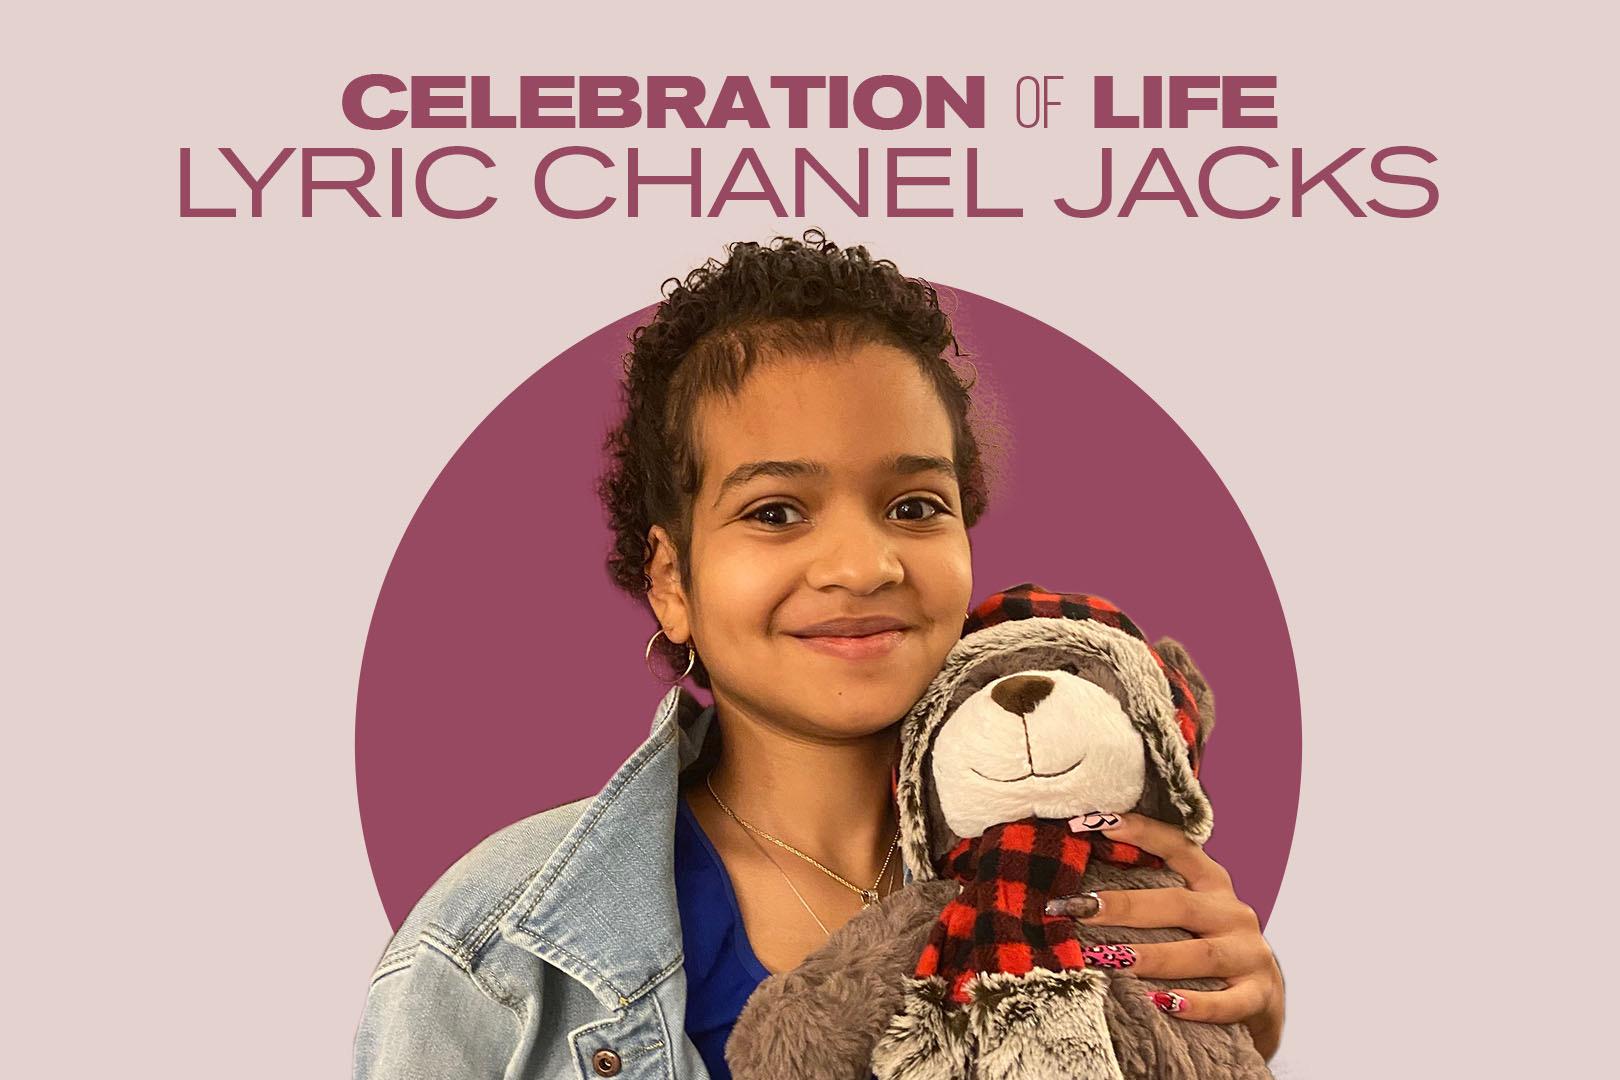 Lyric Chanel Jacks' celebration of life